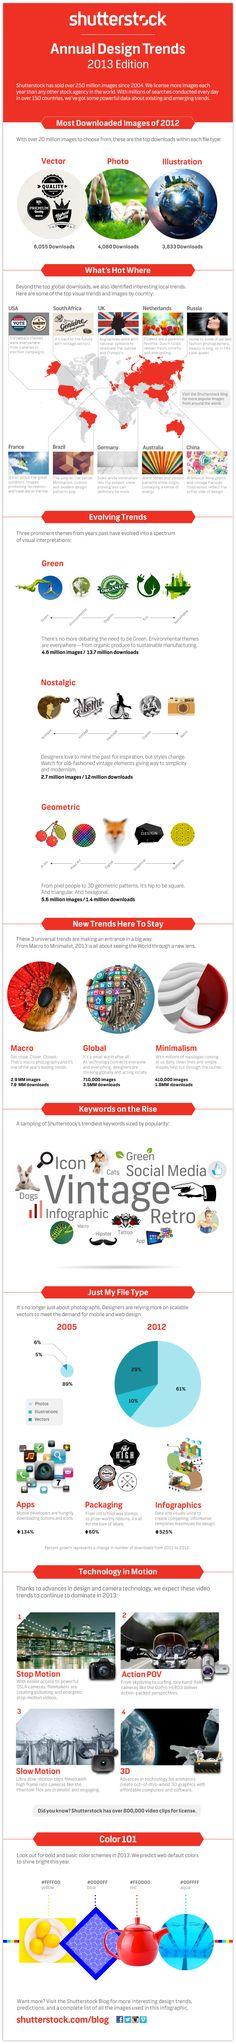 http://www.shutterstock.com/blog/wp-content/uploads/2013/02/Infographic-Final-English21113_900.jpg